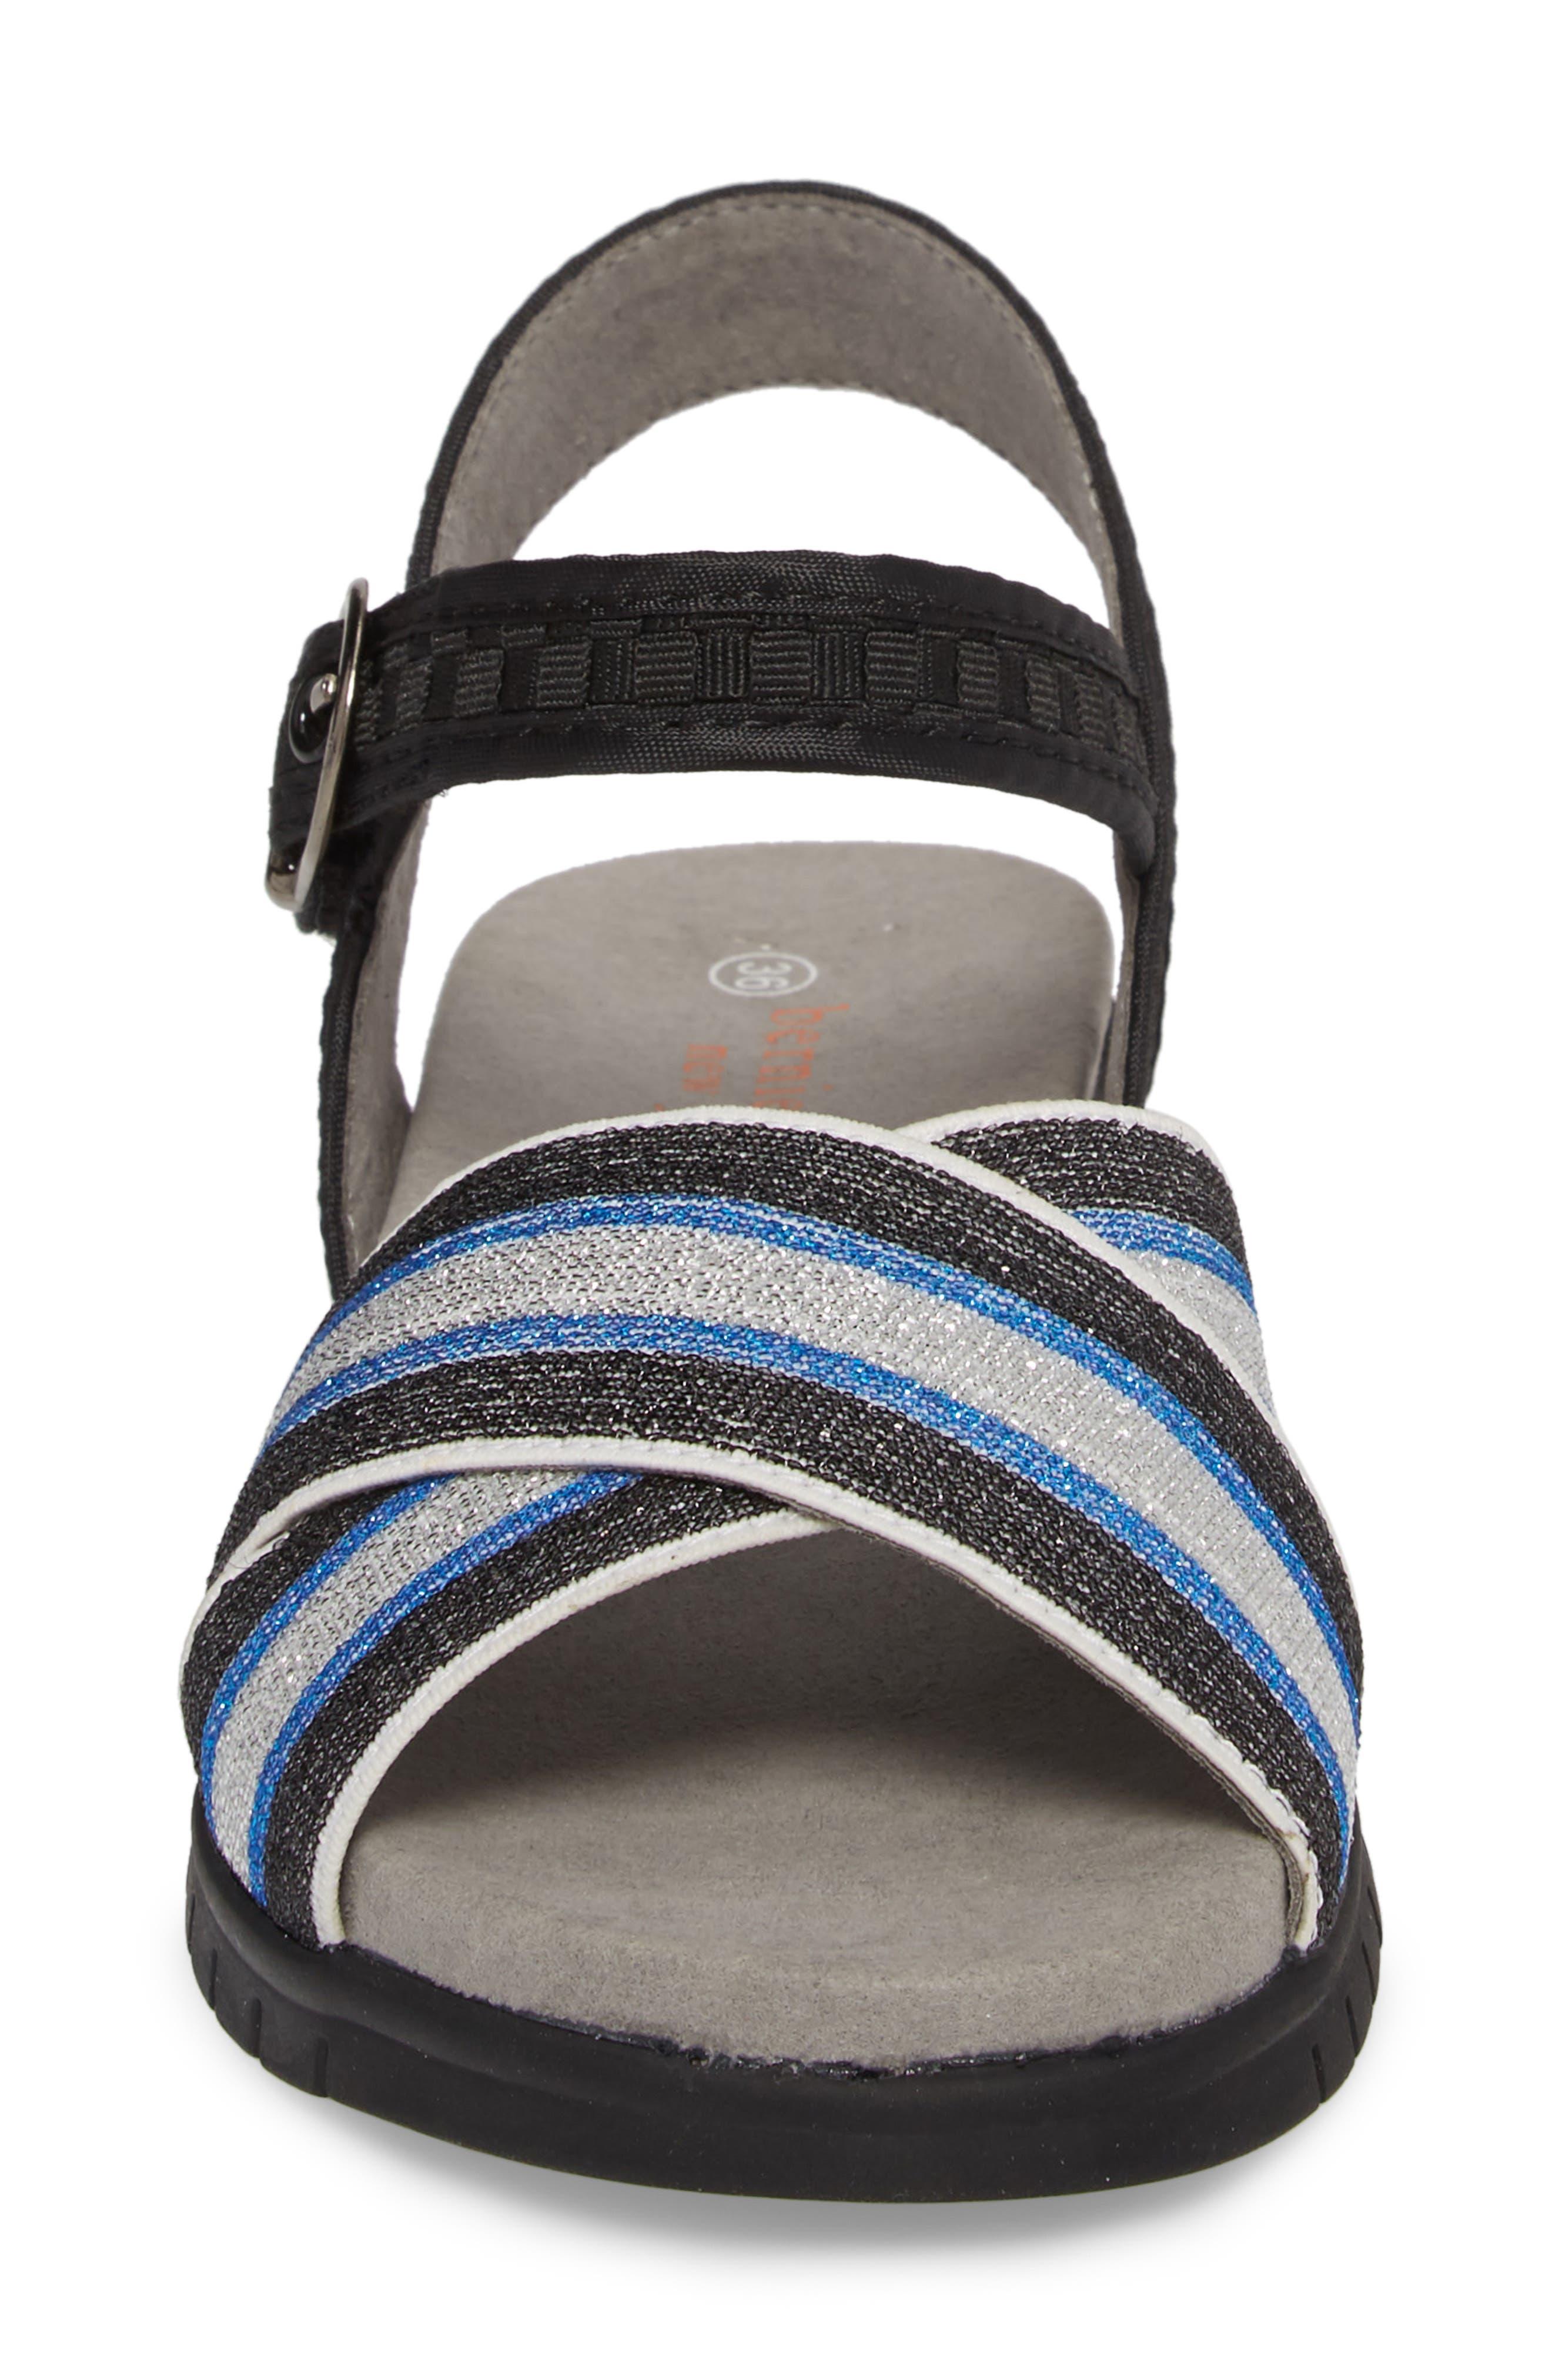 Malibu Sandal,                             Alternate thumbnail 4, color,                             BLACK BLUE STRIPE FABRIC